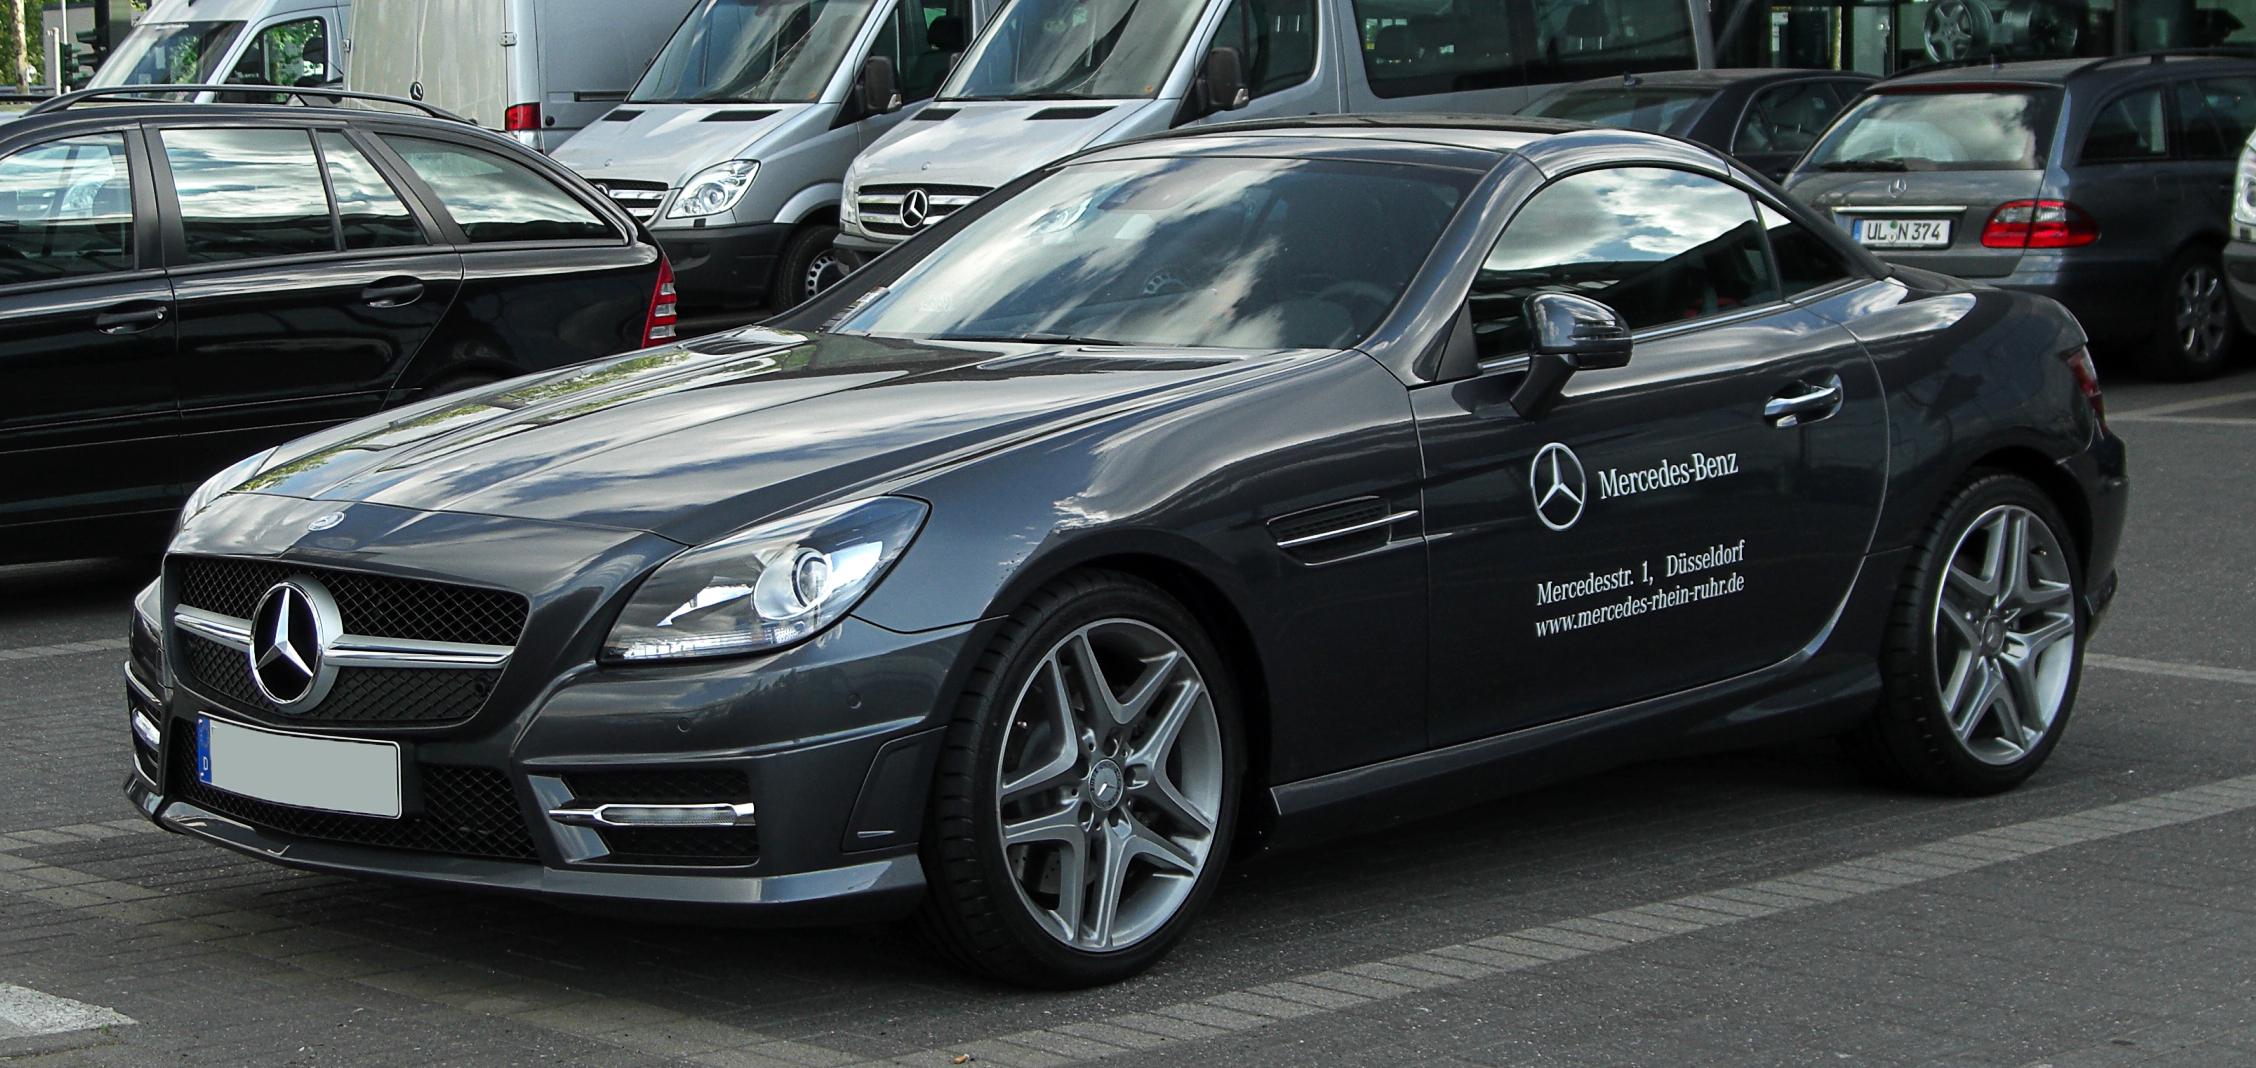 Mercedes-Benz_SLK_350_BlueEFFICIENCY_Sport-Paket_AMG_(R_172)_–_Frontansicht,_22._Mai_2011,_Düsseldorf